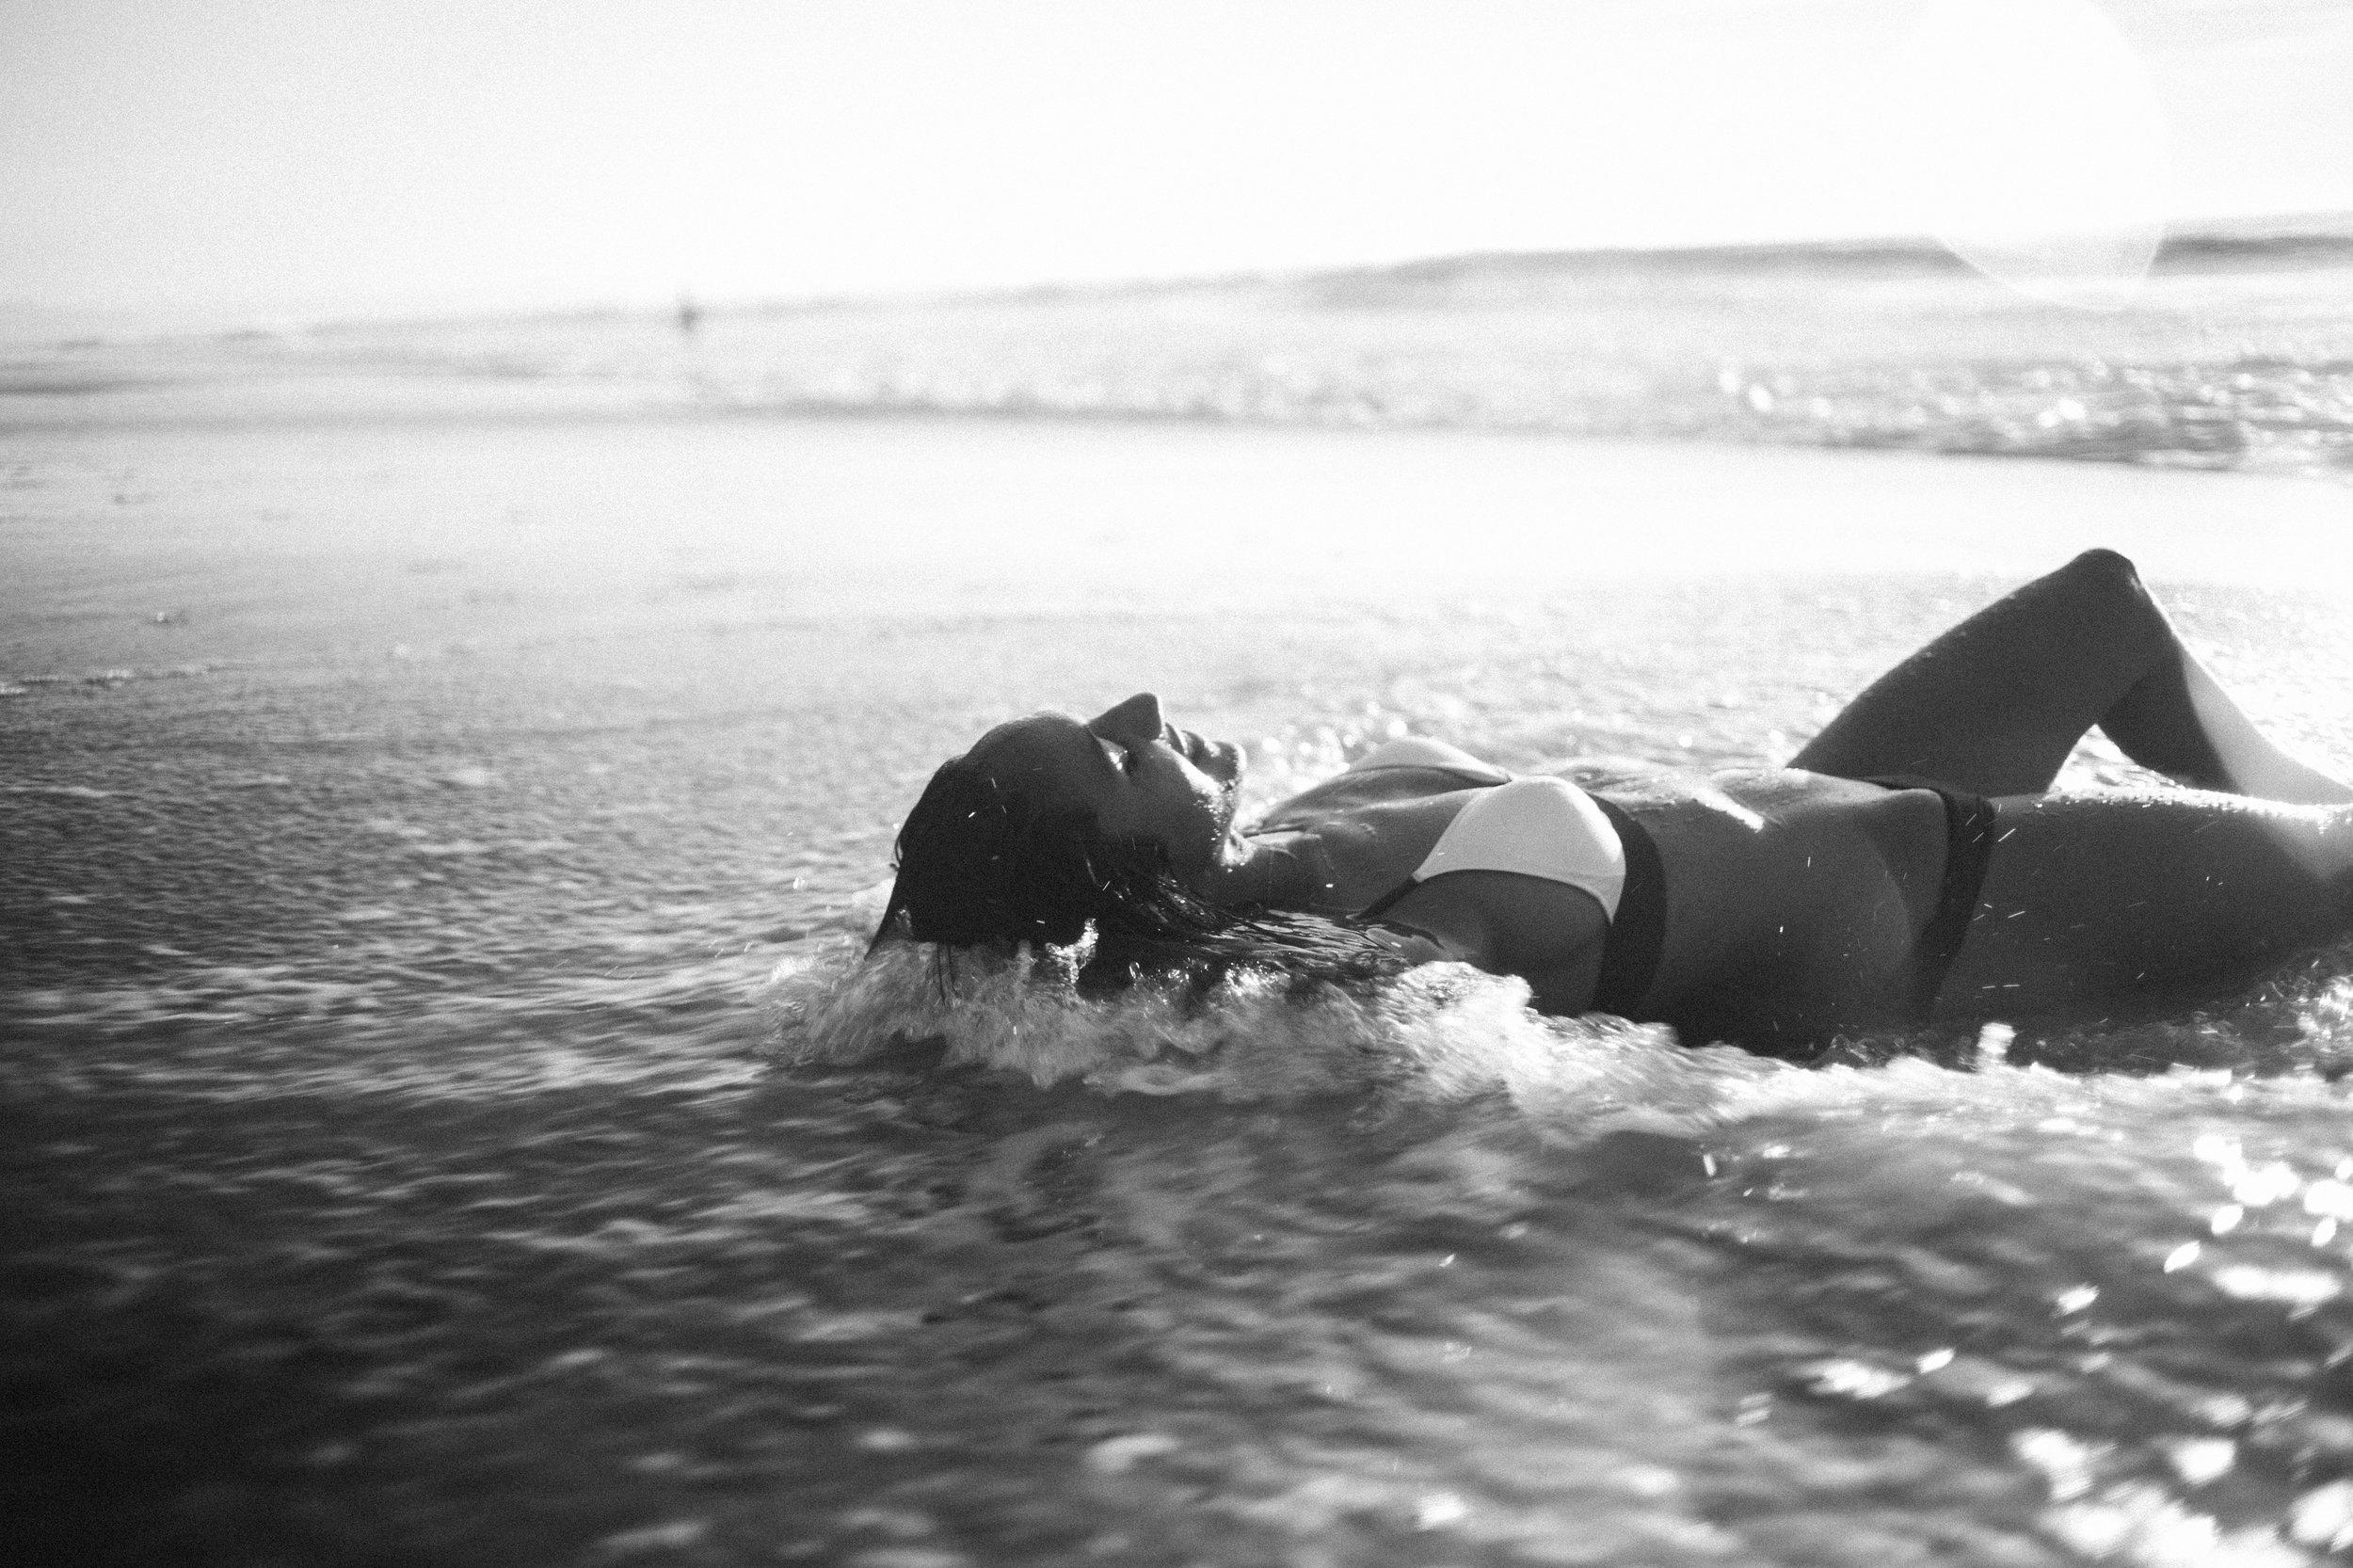 Photographe-aquatique-freedive-couple-argentique-celine-hamelin34.jpg